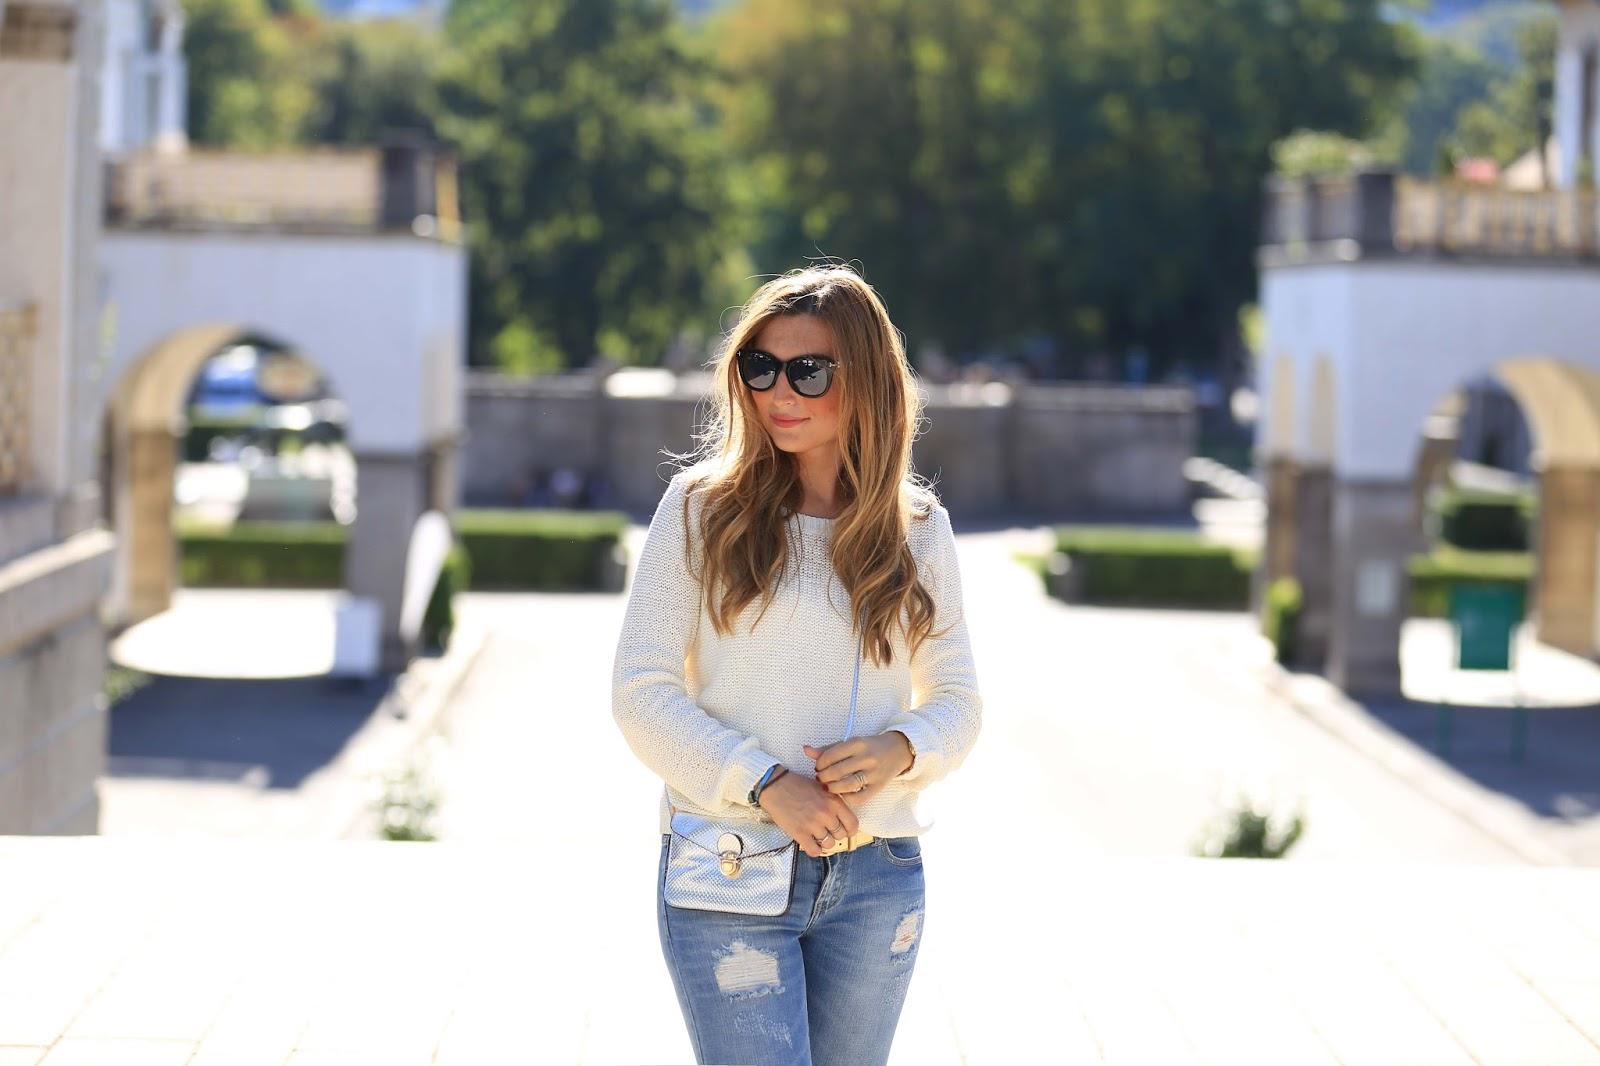 instagram_blogger - fashionstylebyjohanna